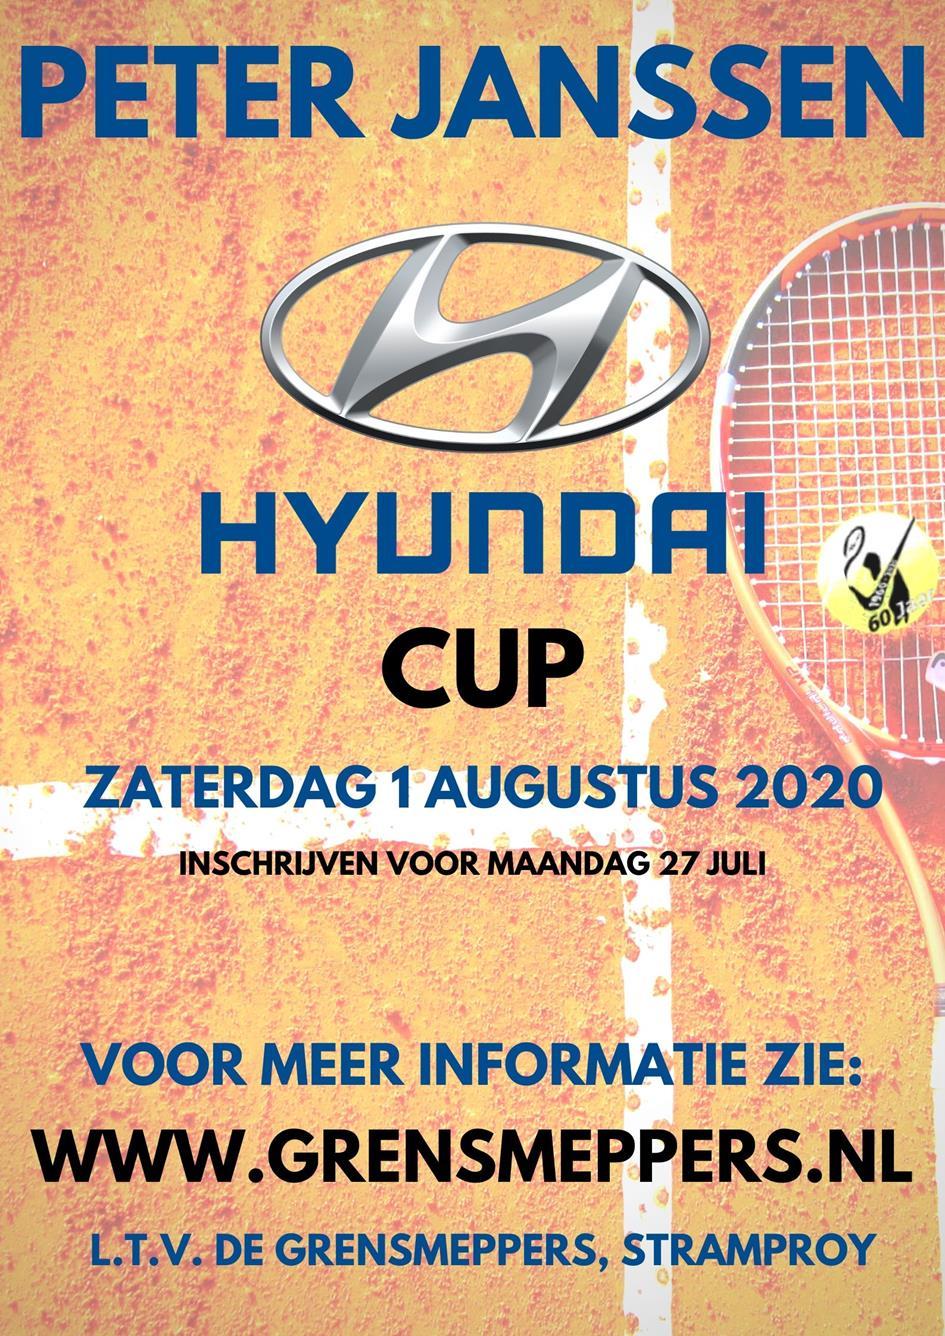 Poster Peter Hyundai Cup.jpg